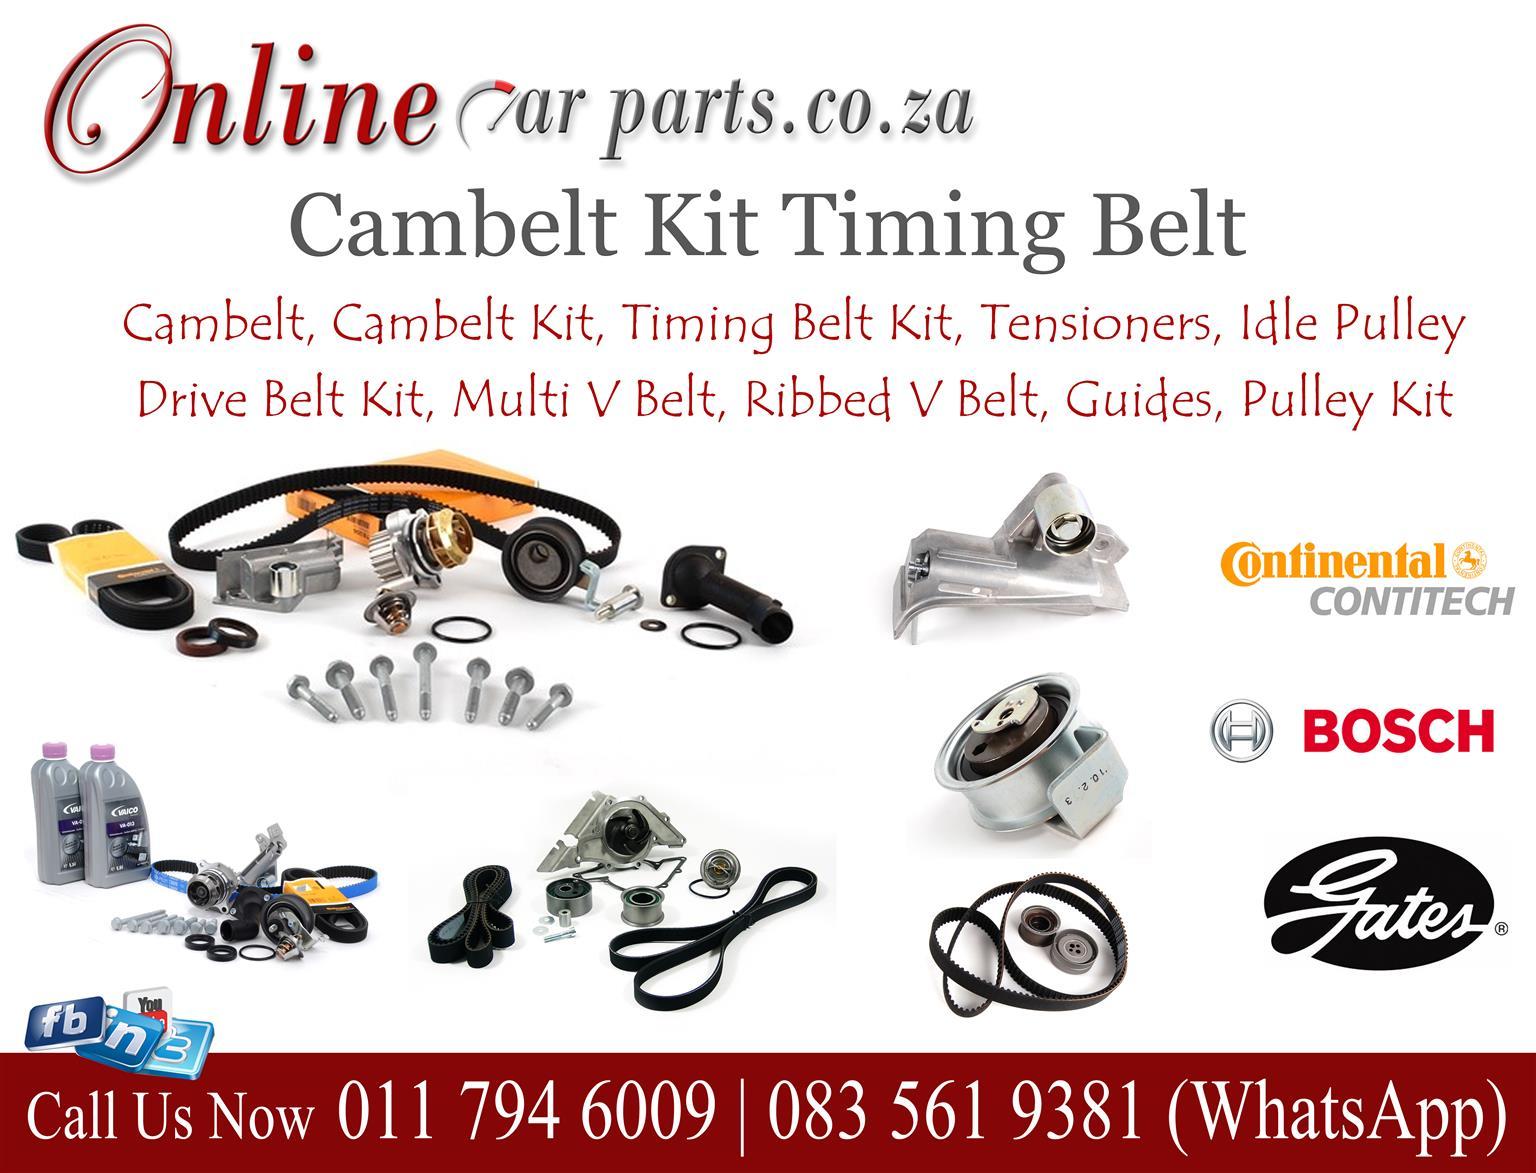 High Quality Cambelt Kit Timing Belt Kit Tensioners Idle Pulley Drive Belt Kit Multi V Belt Ribbed V Belt Guides Pulley Kit